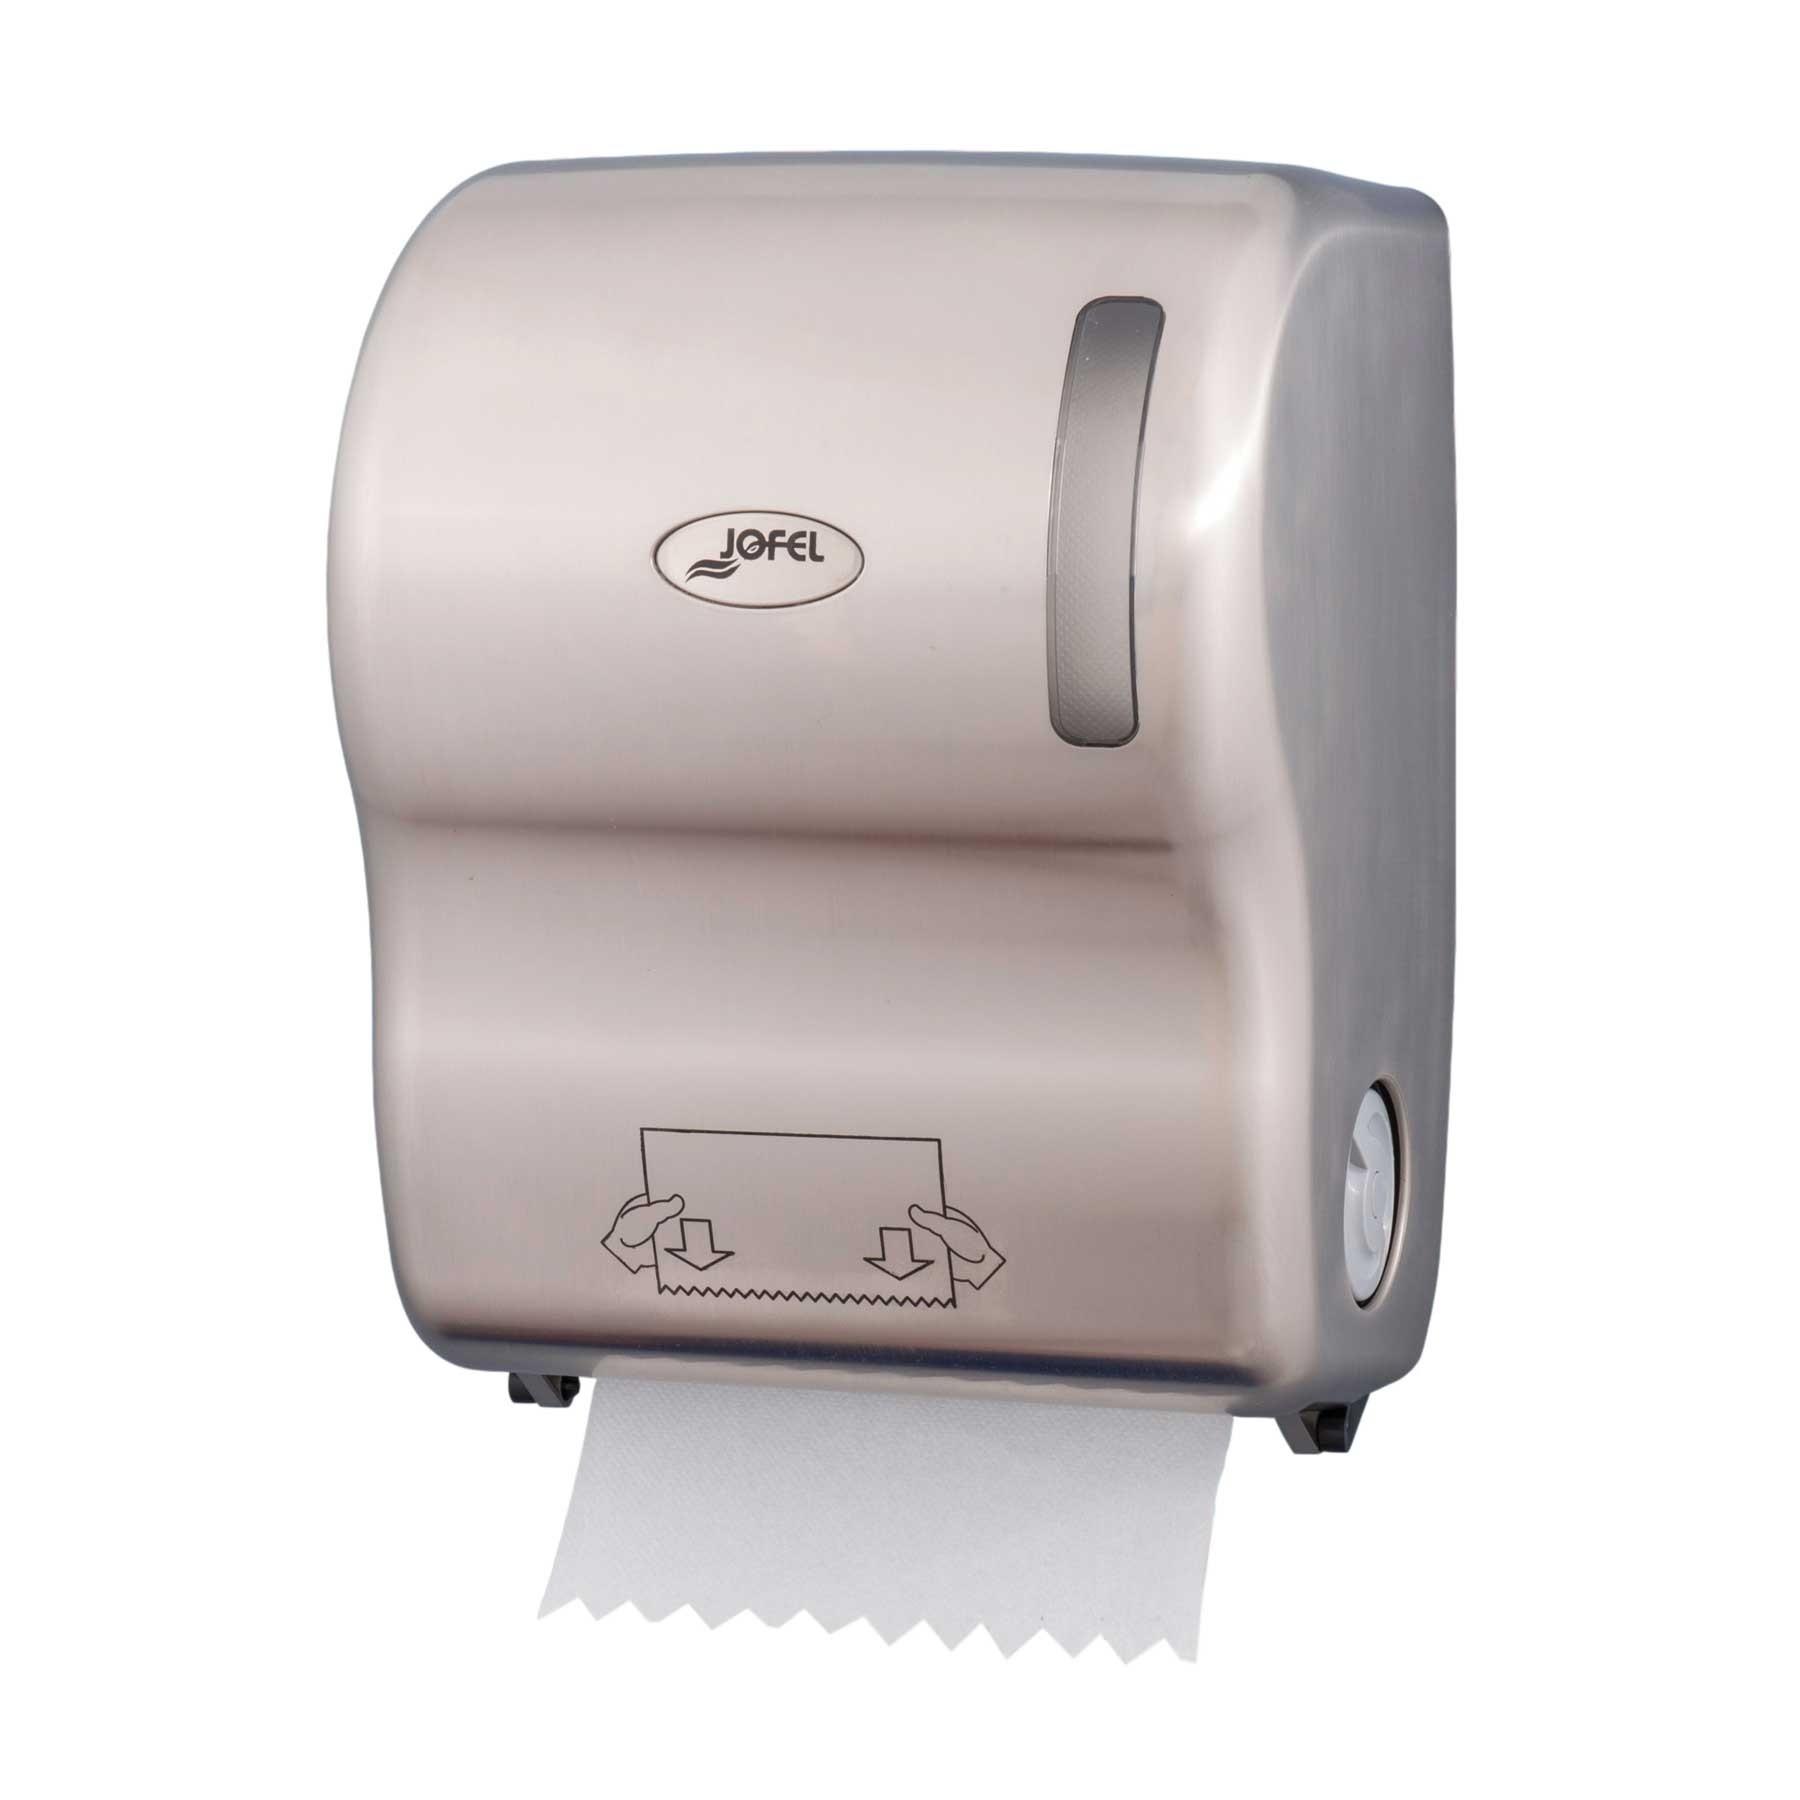 Συσκευή Autocut χειροκίνητη Jofel Nickel Plated ABS AG58000